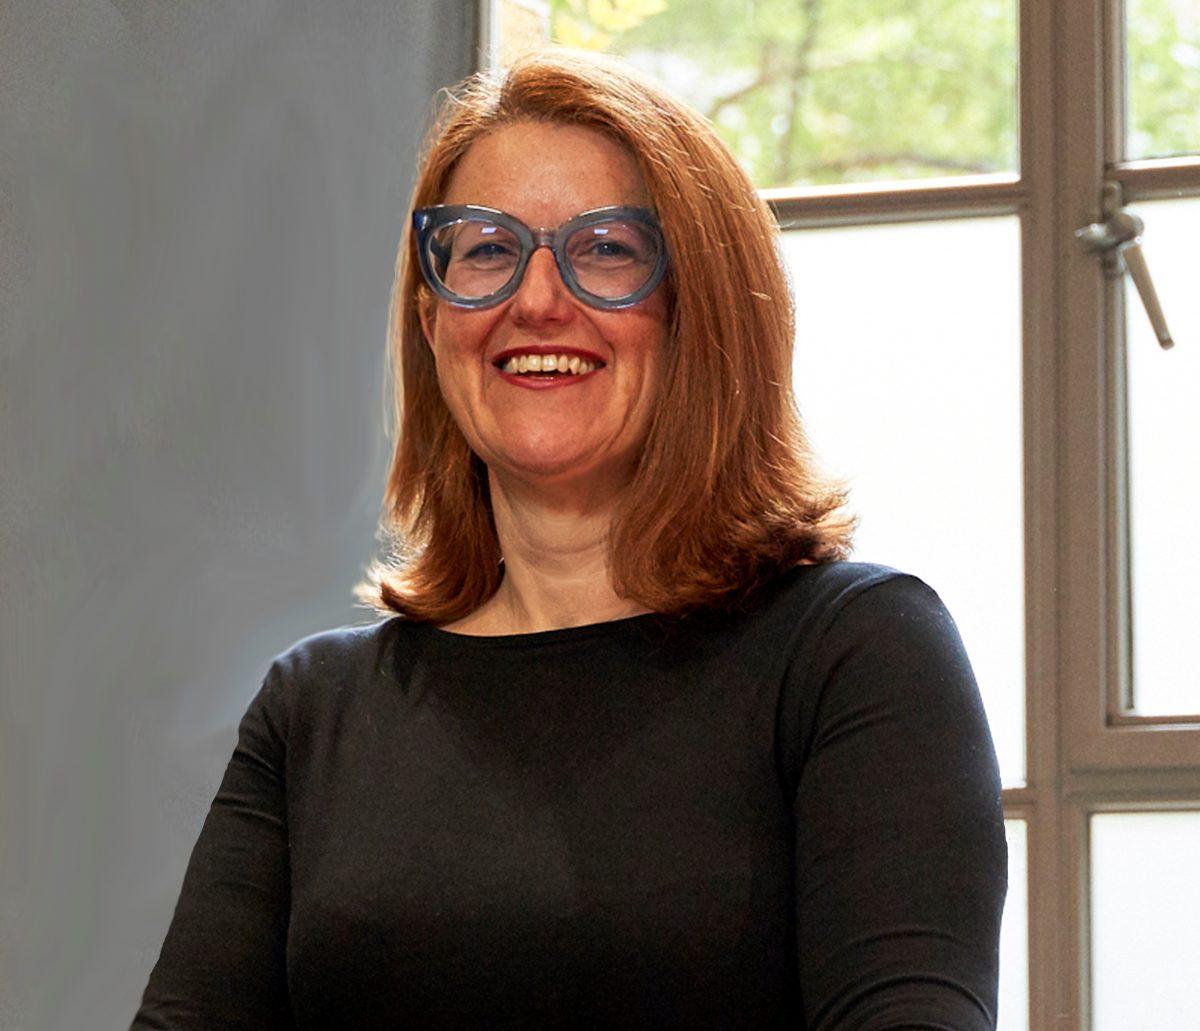 Deborah Carre portrait credit James Holborow